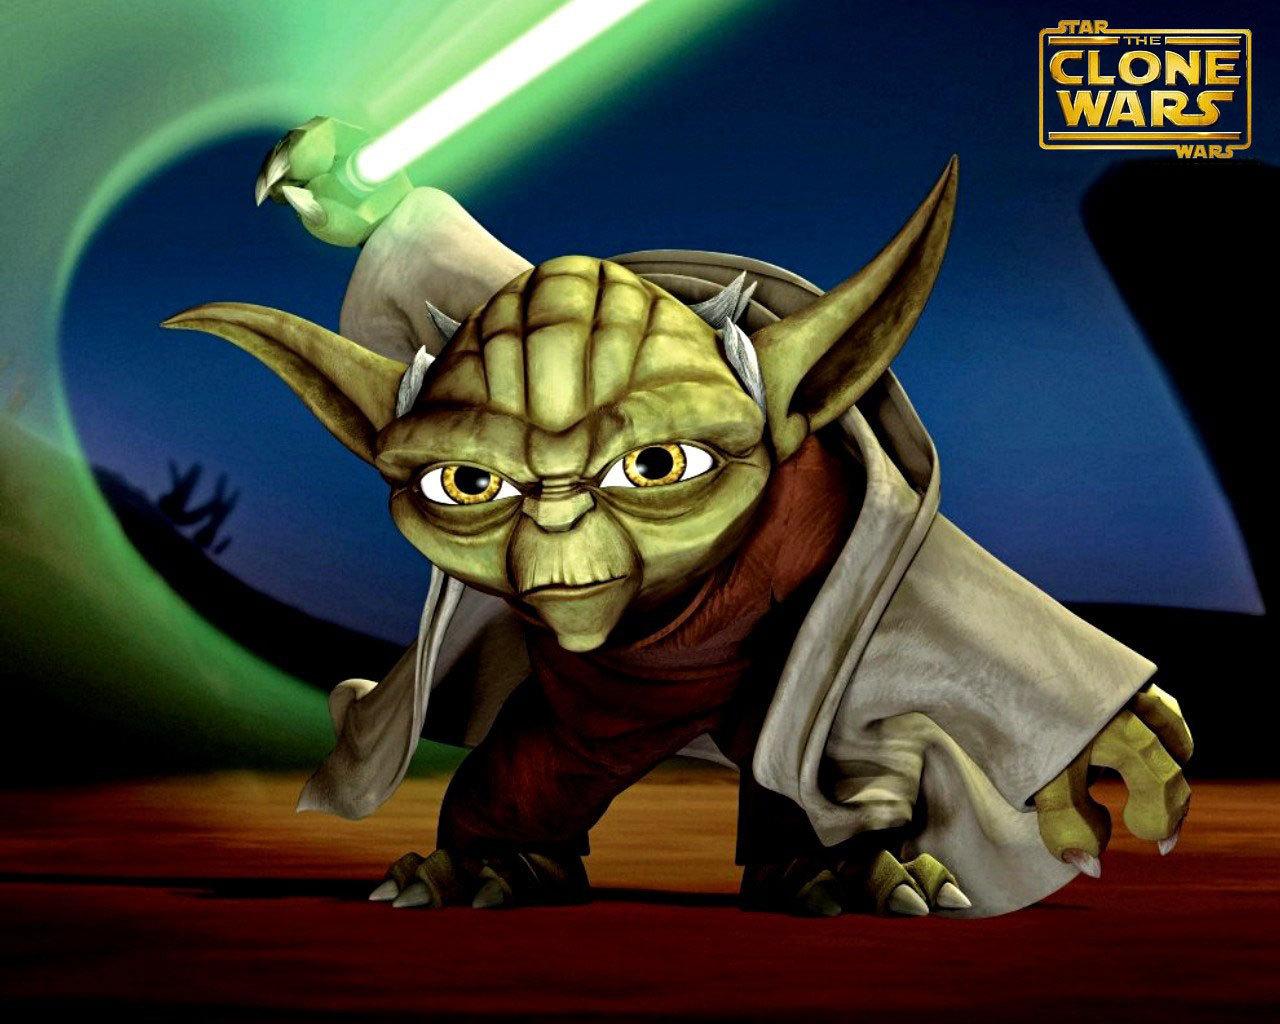 Clone Wars   Star Wars Clone Wars Wallpaper 2951751 1280x1024